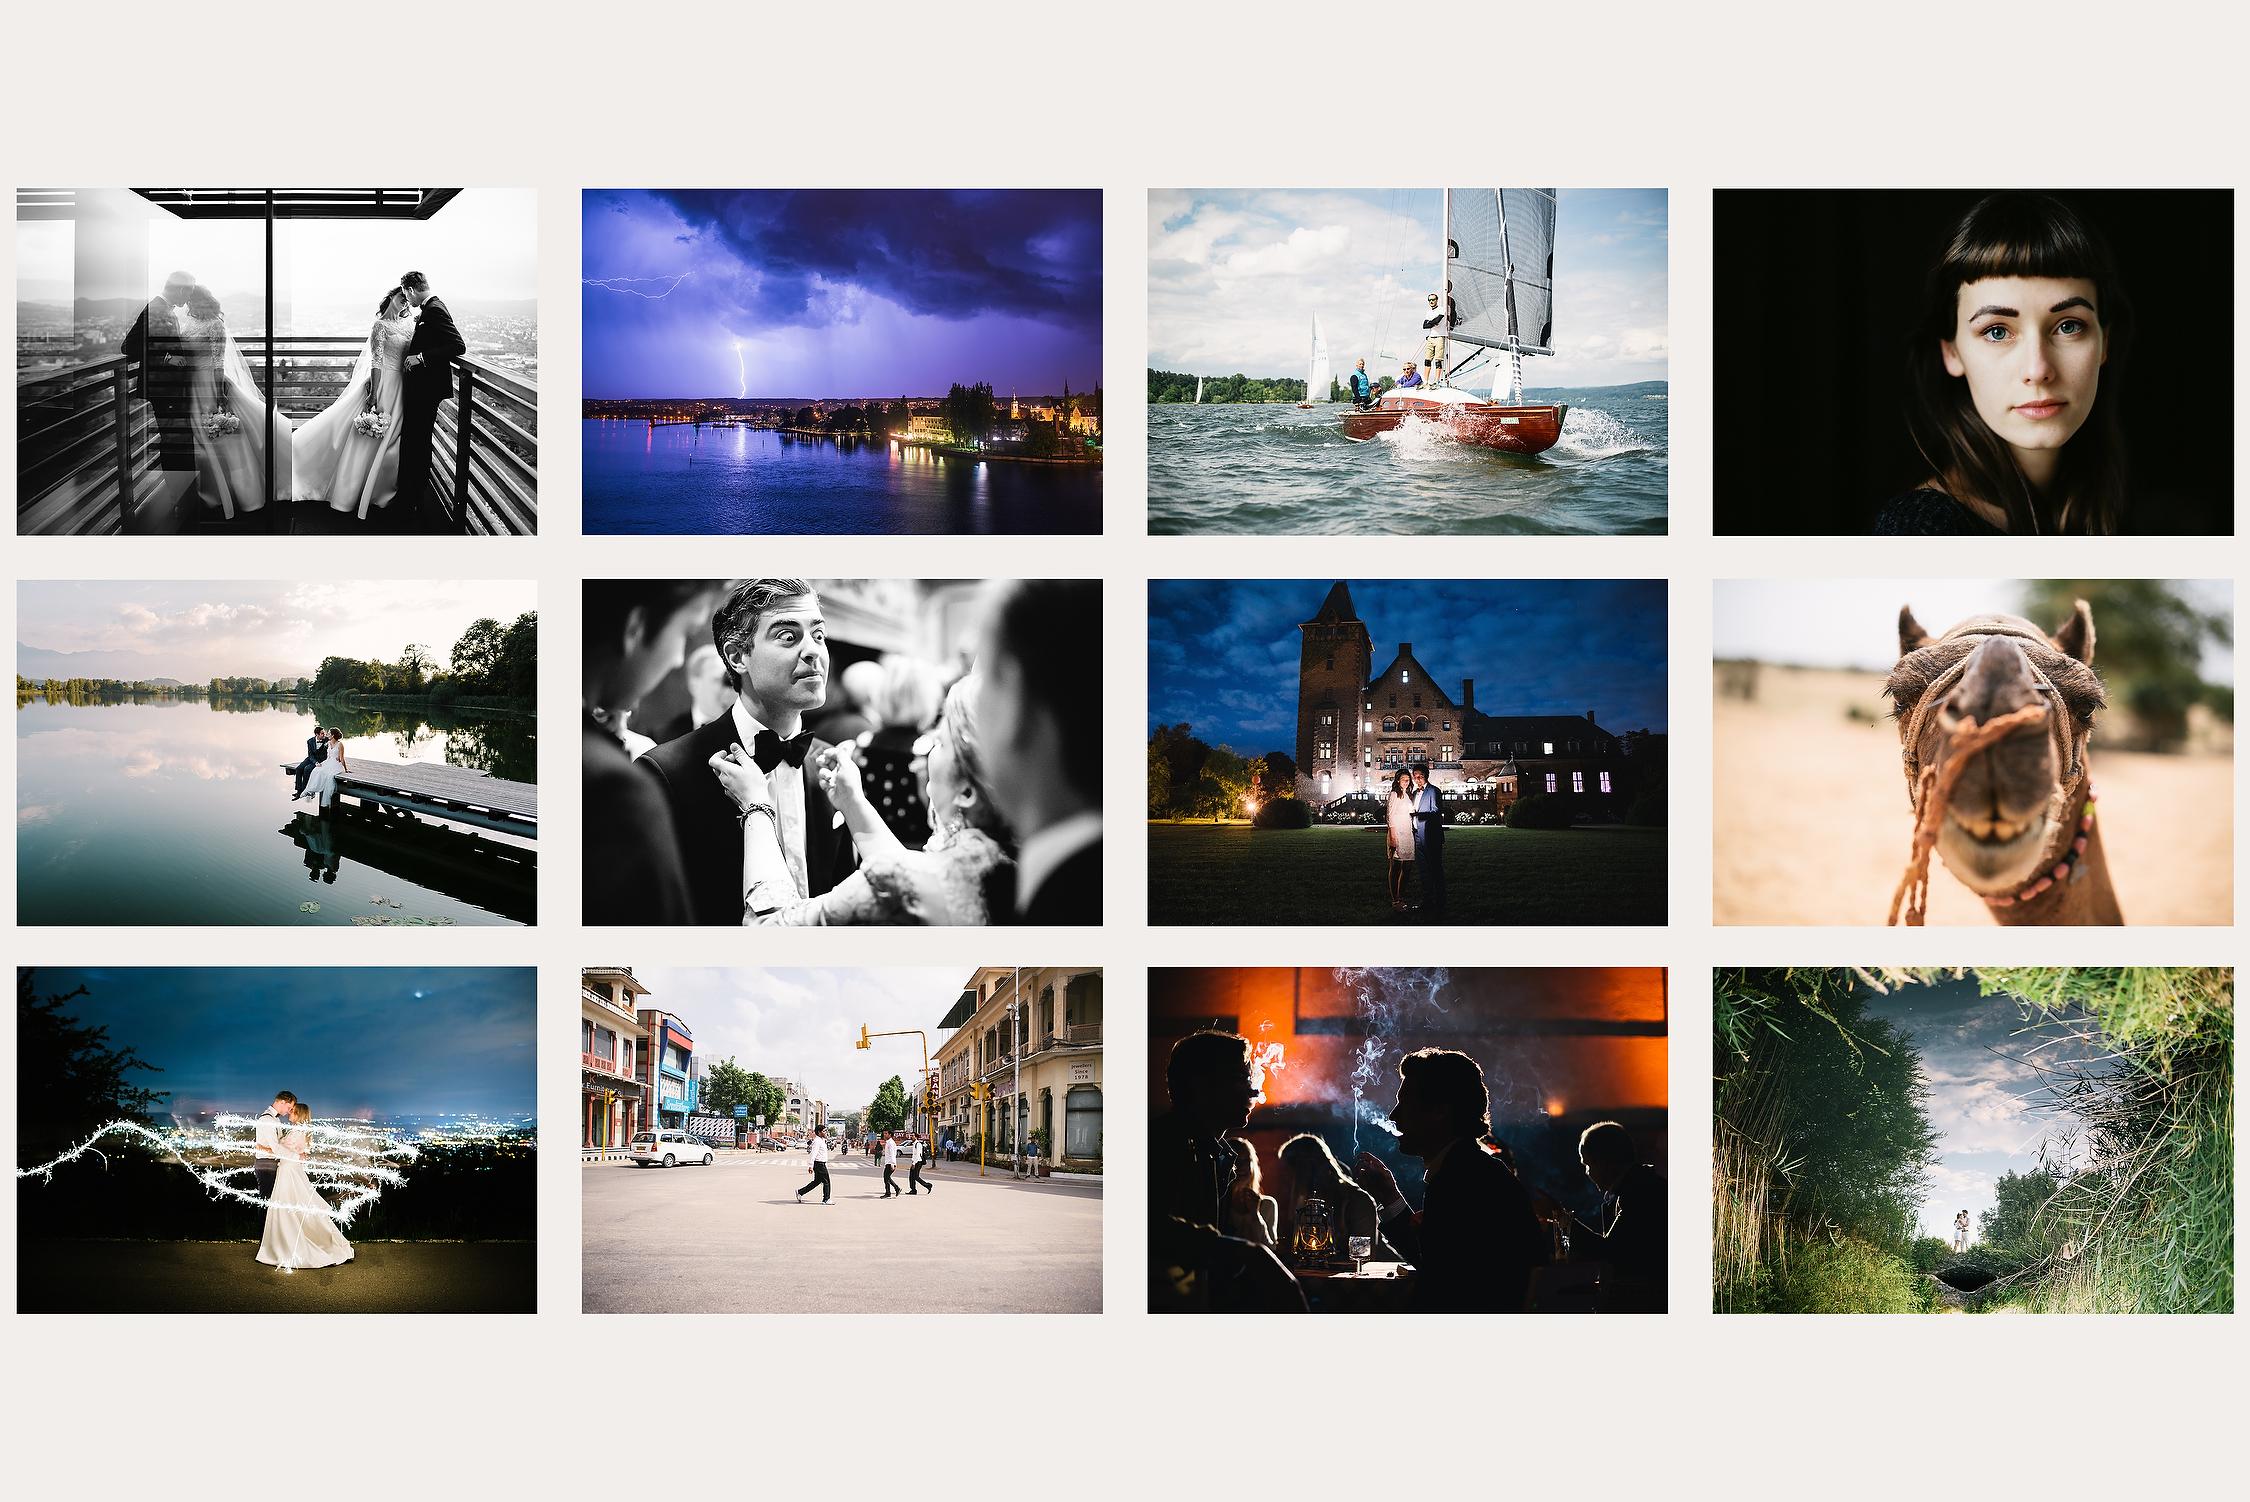 hochzeitsreportage_portrait_event-elmar-feuerbacher-photography-04